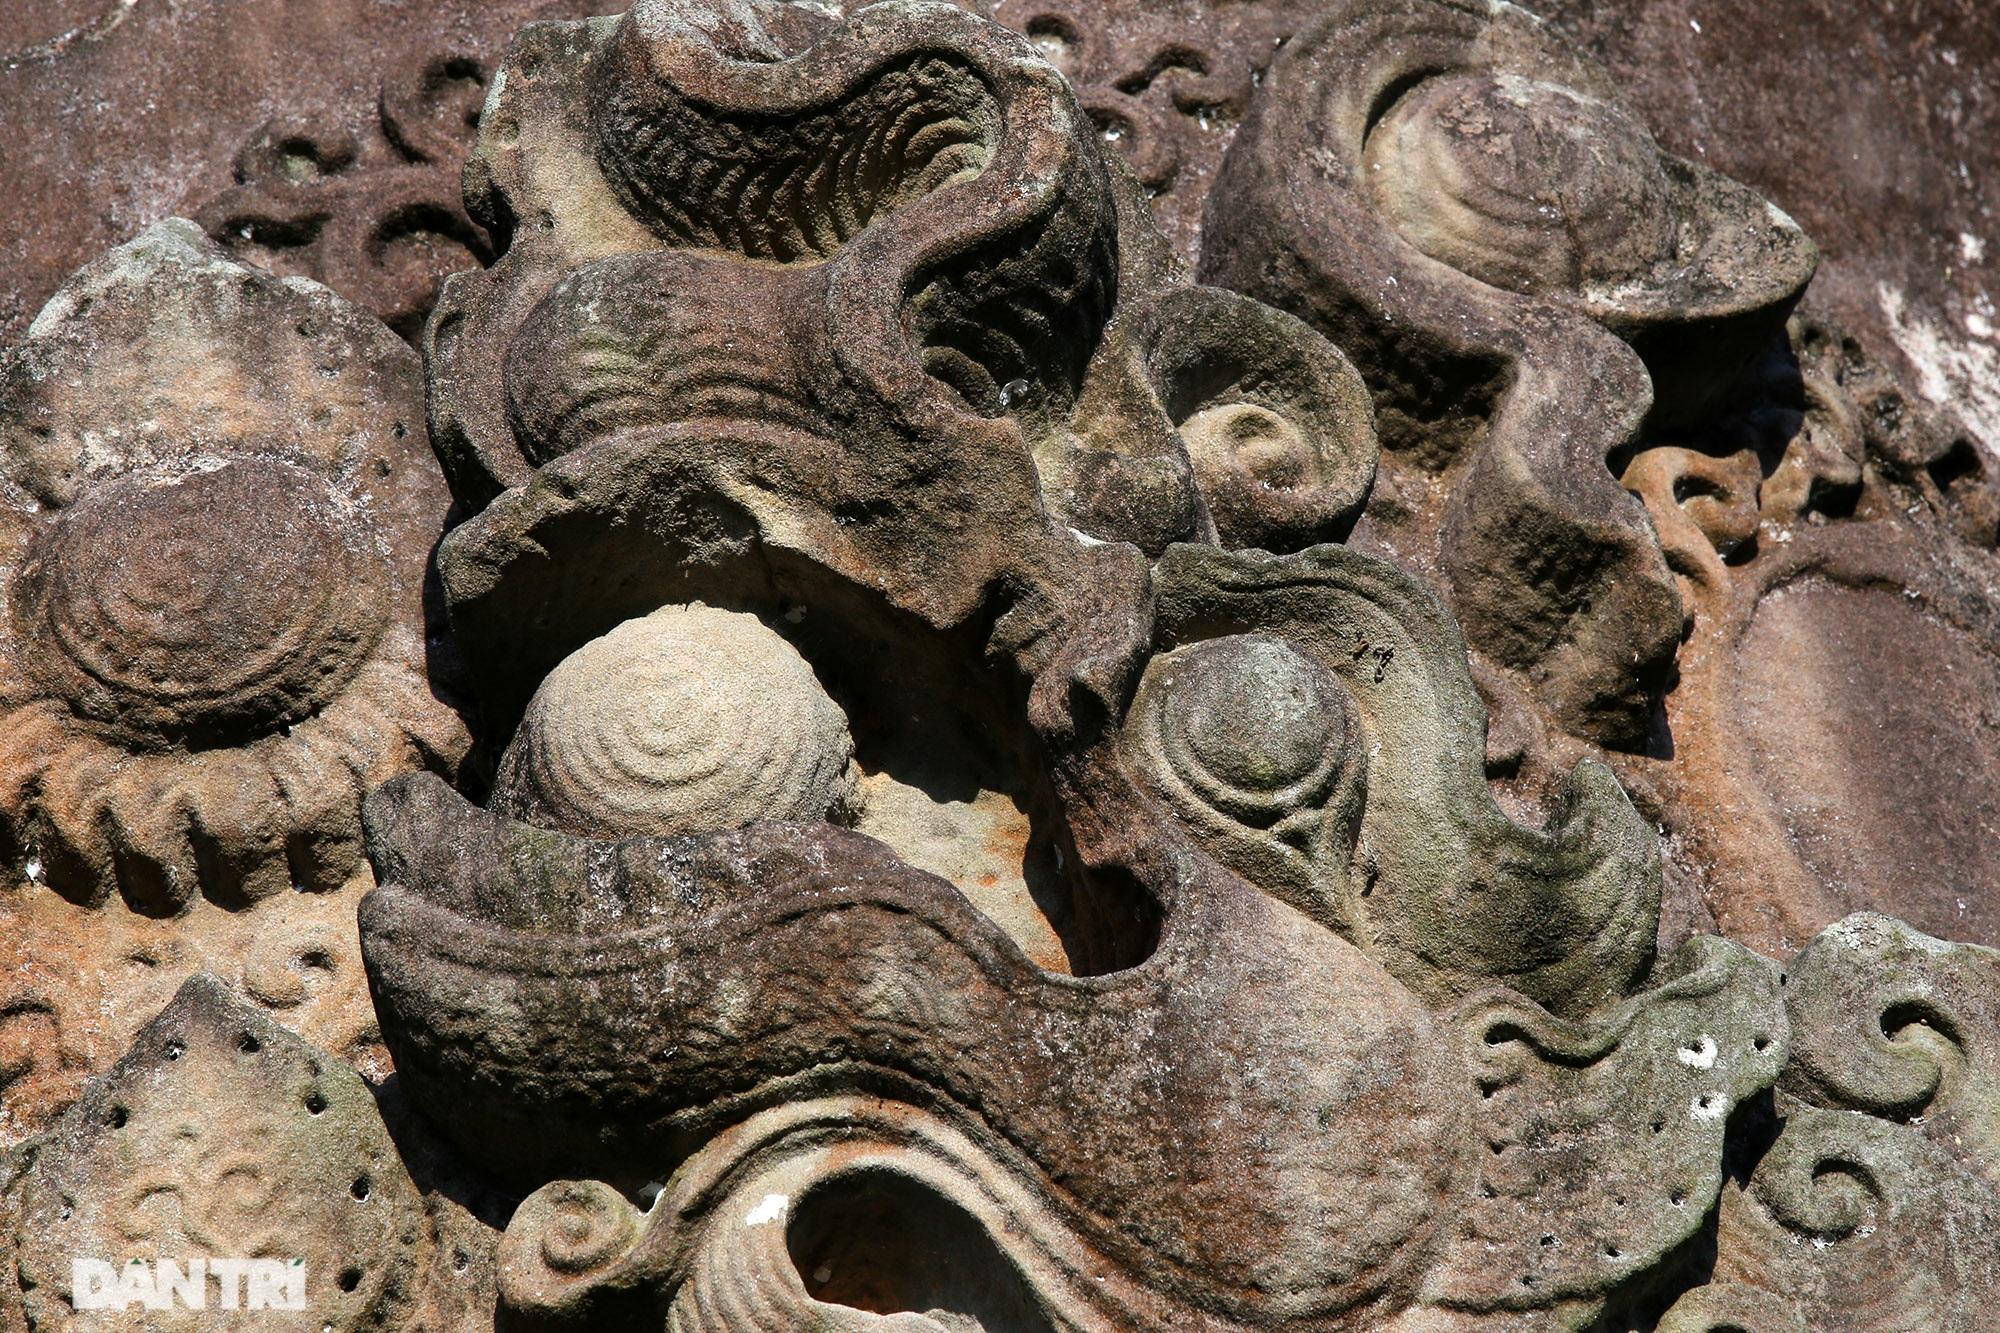 Bí ẩn cột đá nghìn năm tuổi bên sườn núi Đại Lãm, Bắc Ninh - 7